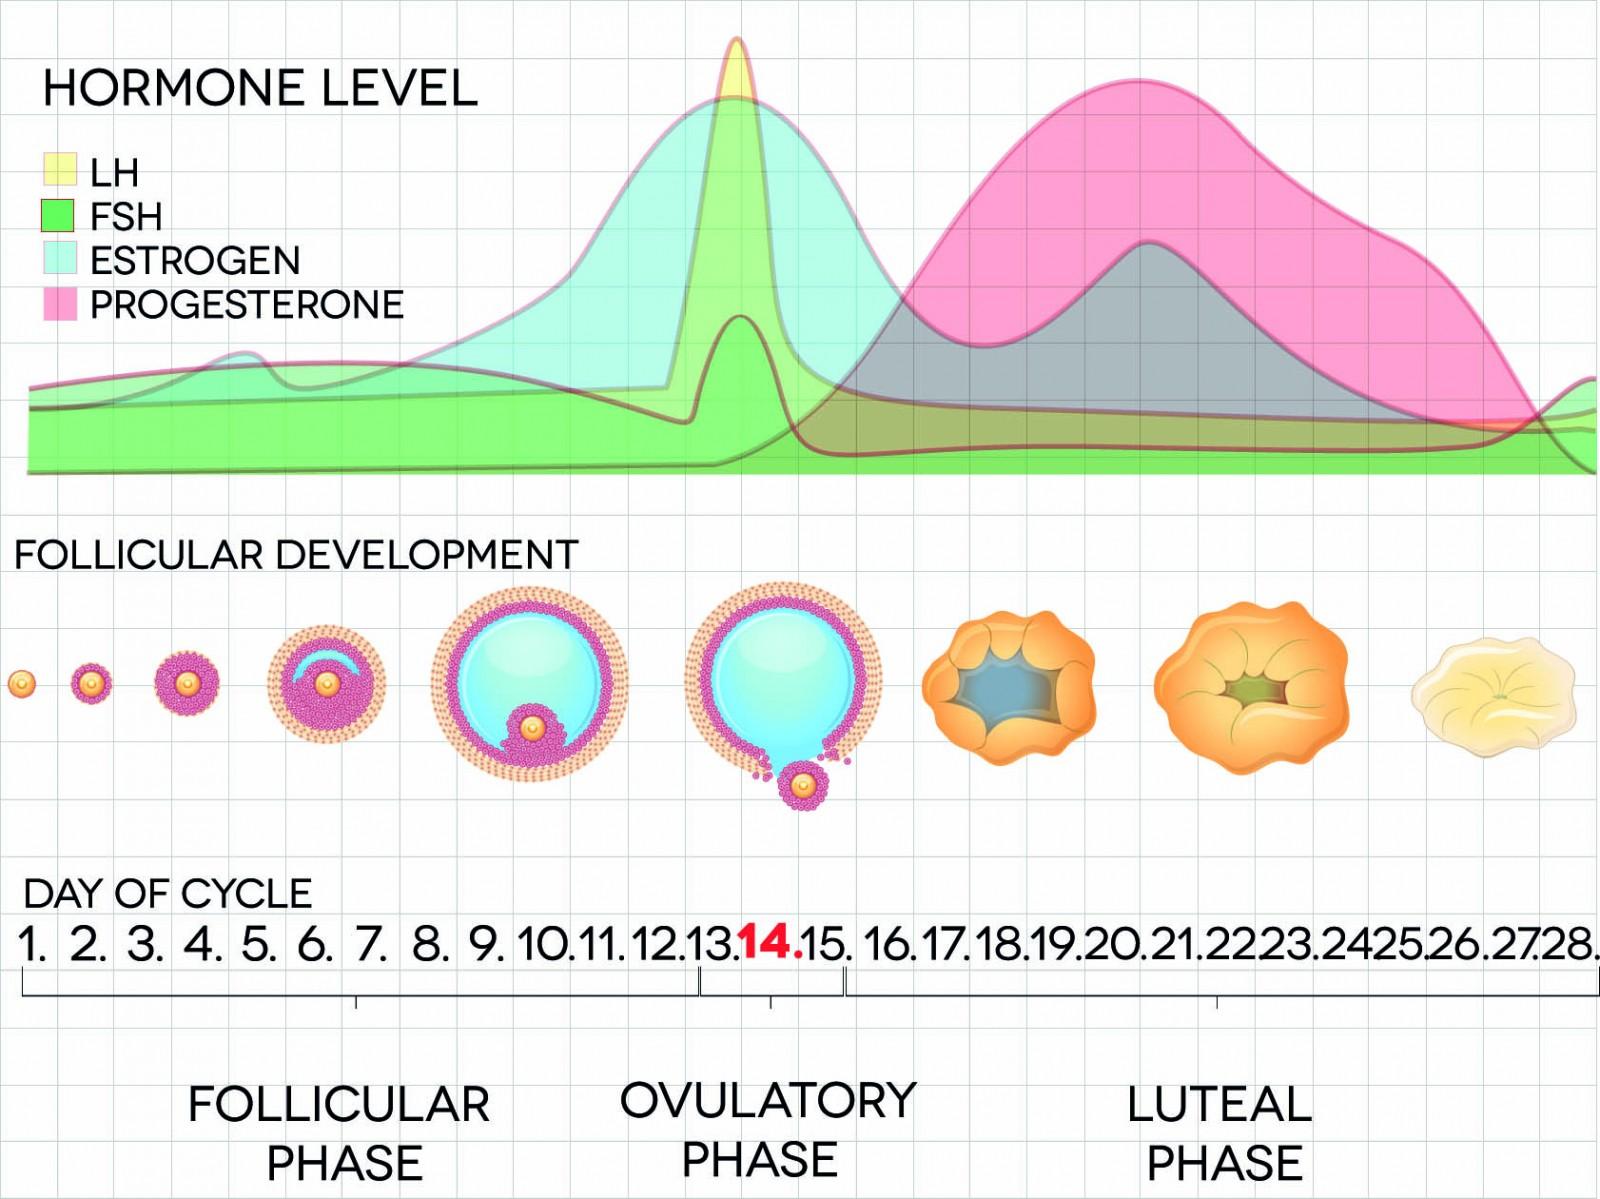 Female menstrual cycle chart